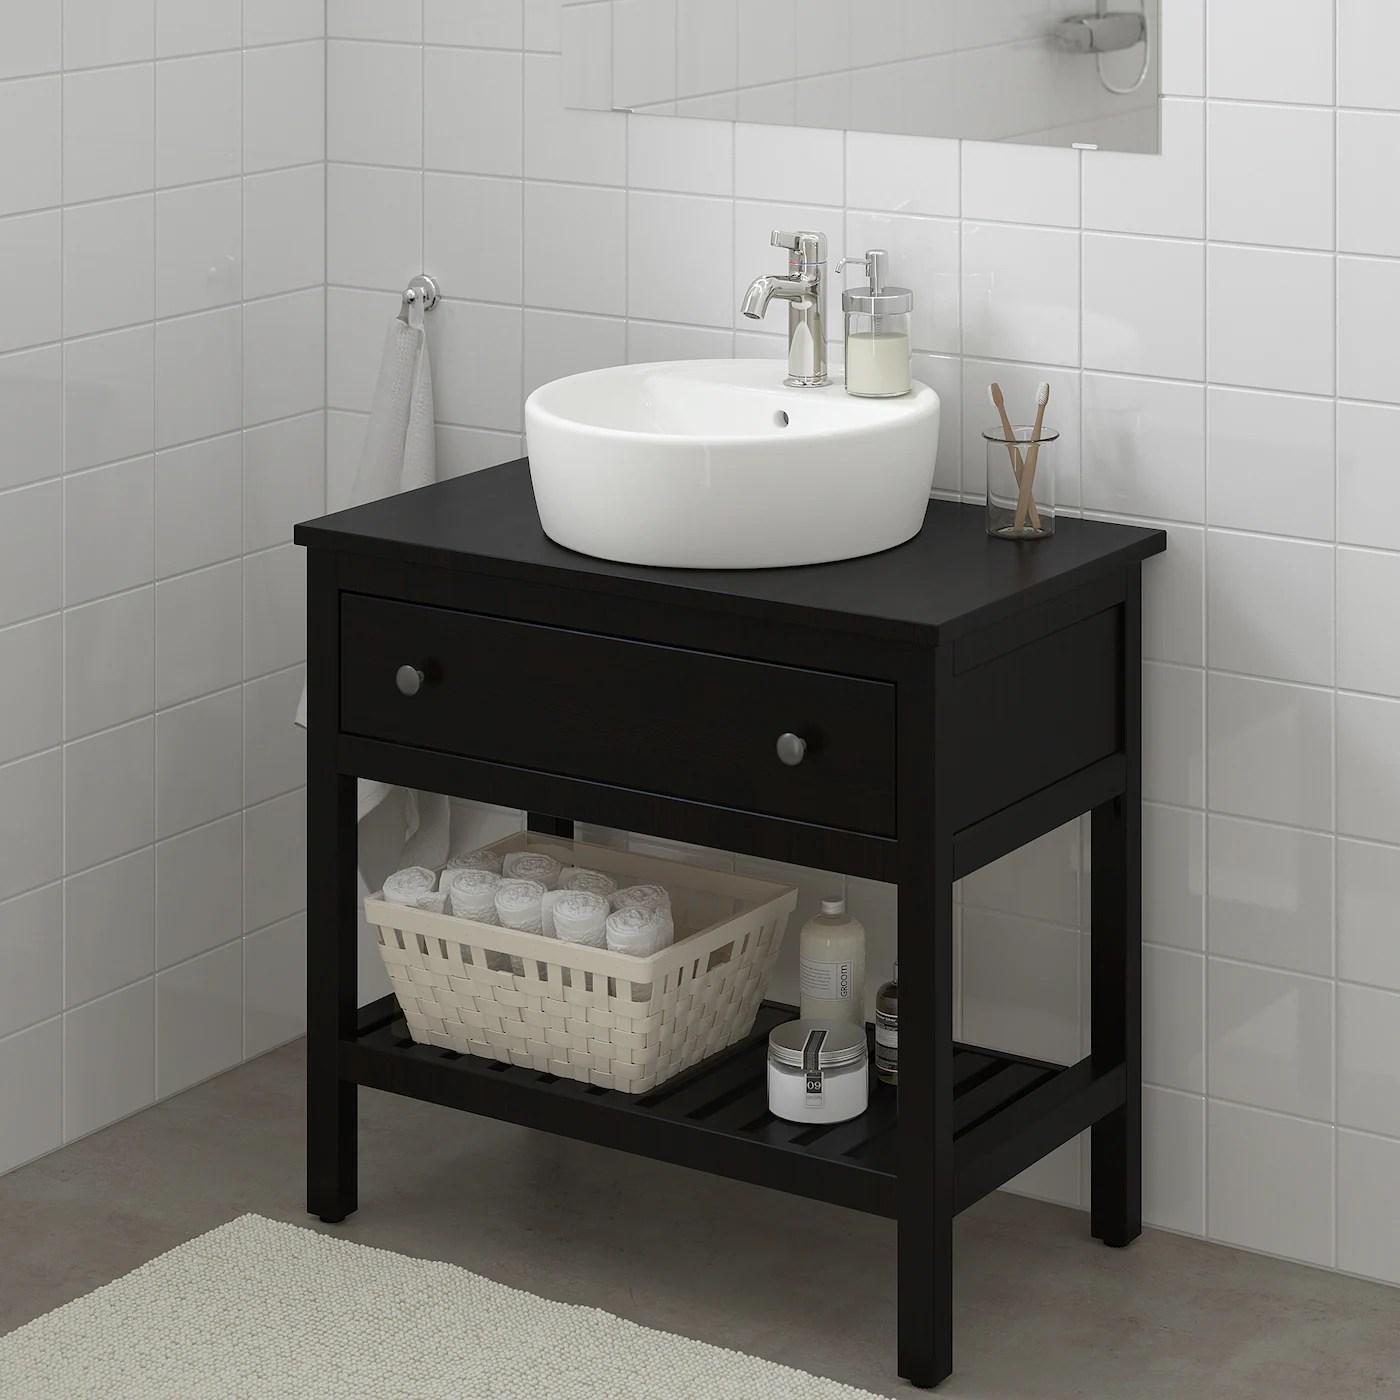 Hemnes Bathroom Vanity 1 Drawer Black Brown Stain Ikea